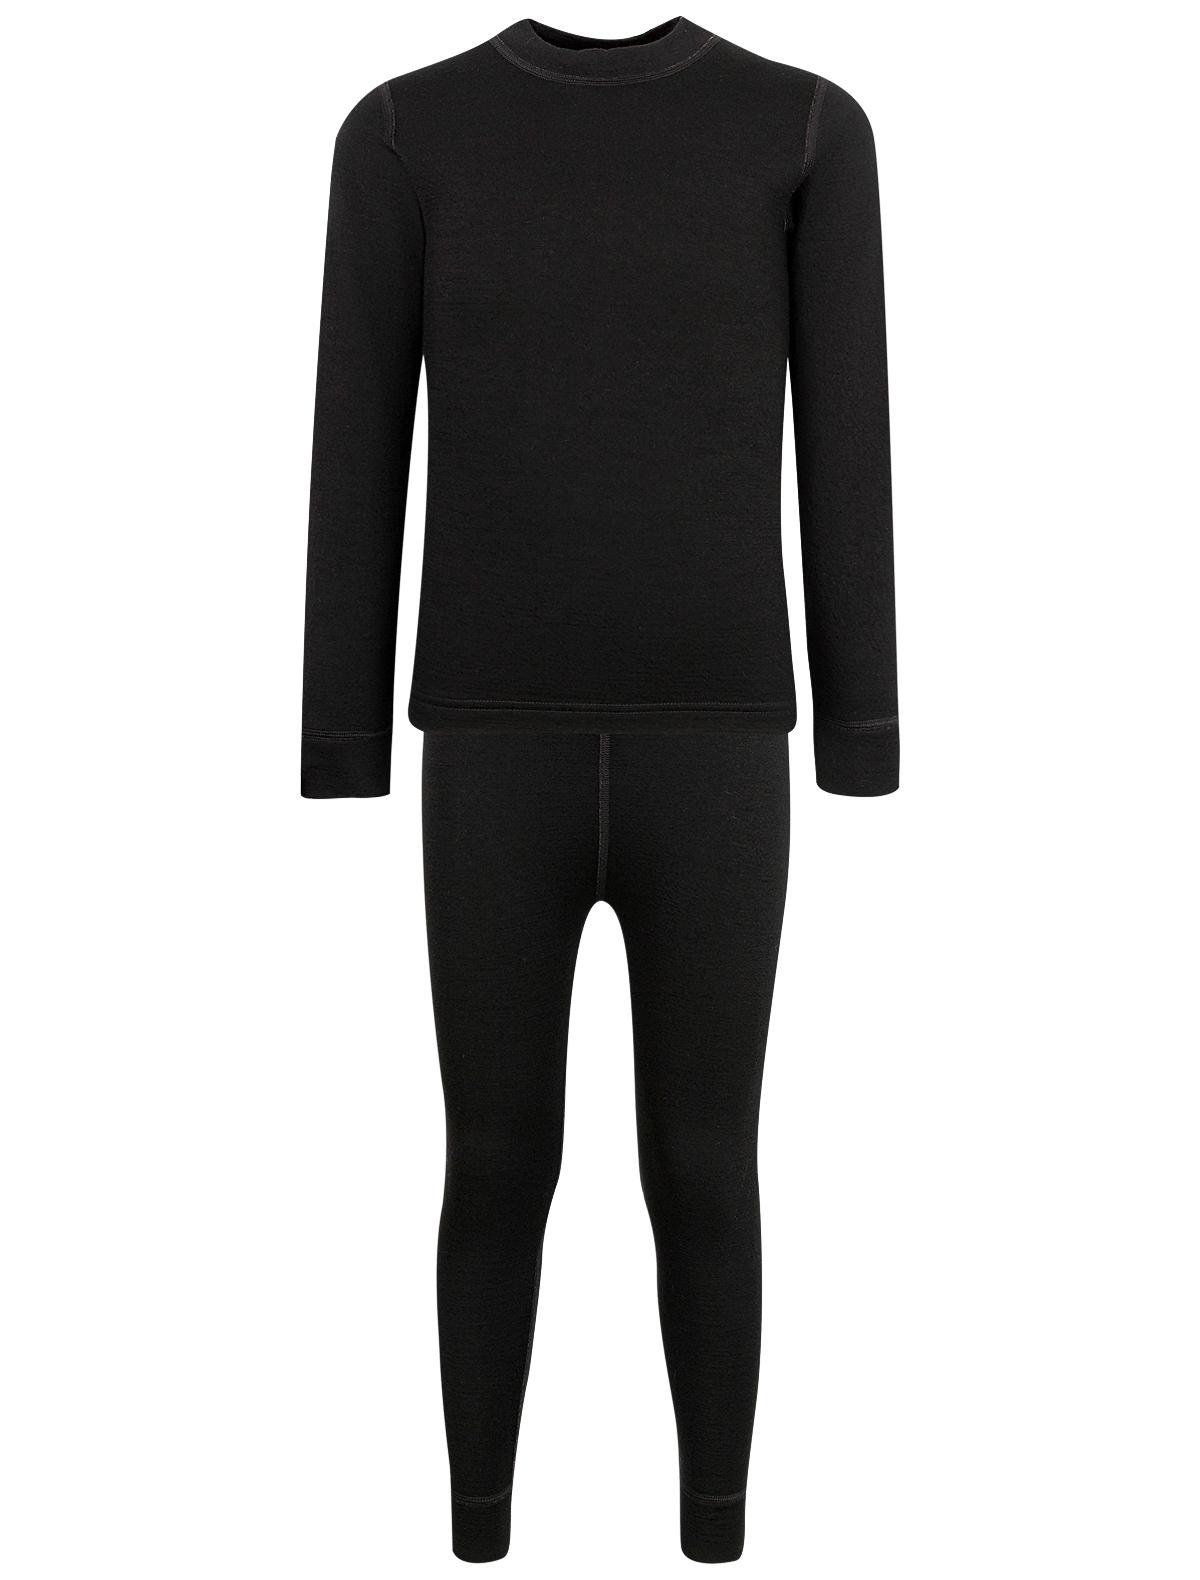 Купить 2135976, Термобелье Air wool, черный, Мужской, 1721119980166